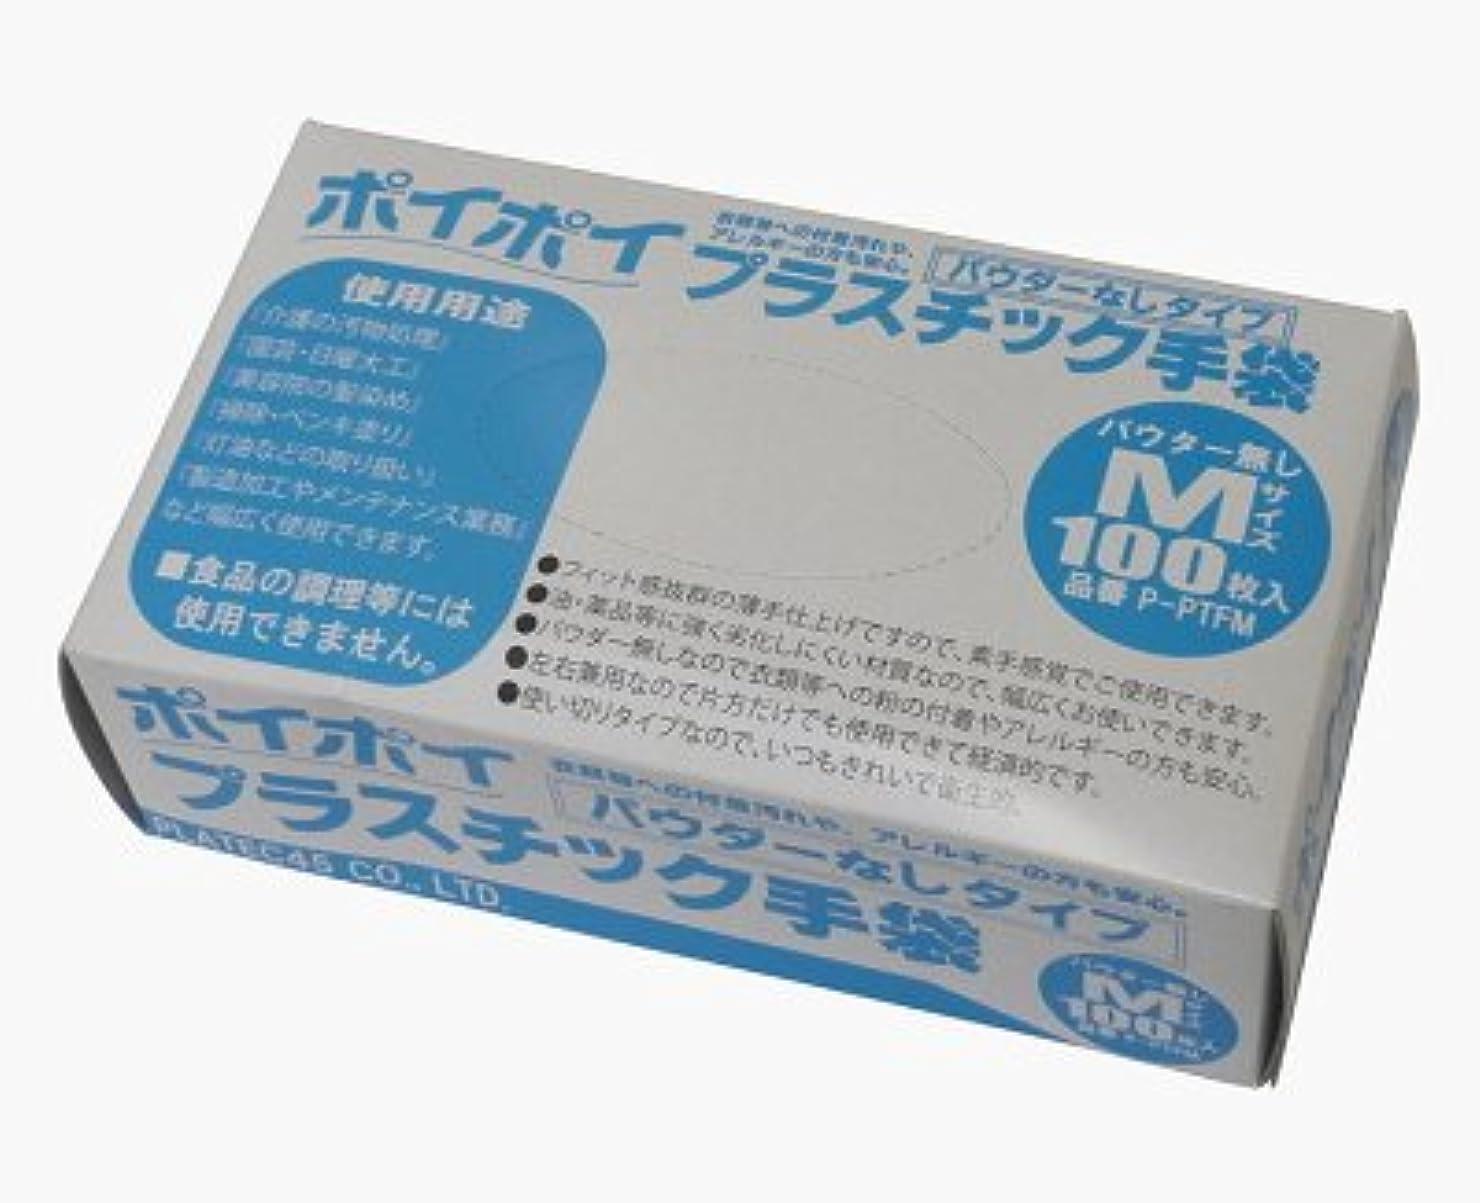 簡単にホイストむき出し●●●プラテック45 プラスチックグローブパウダー無しM 100枚×20箱